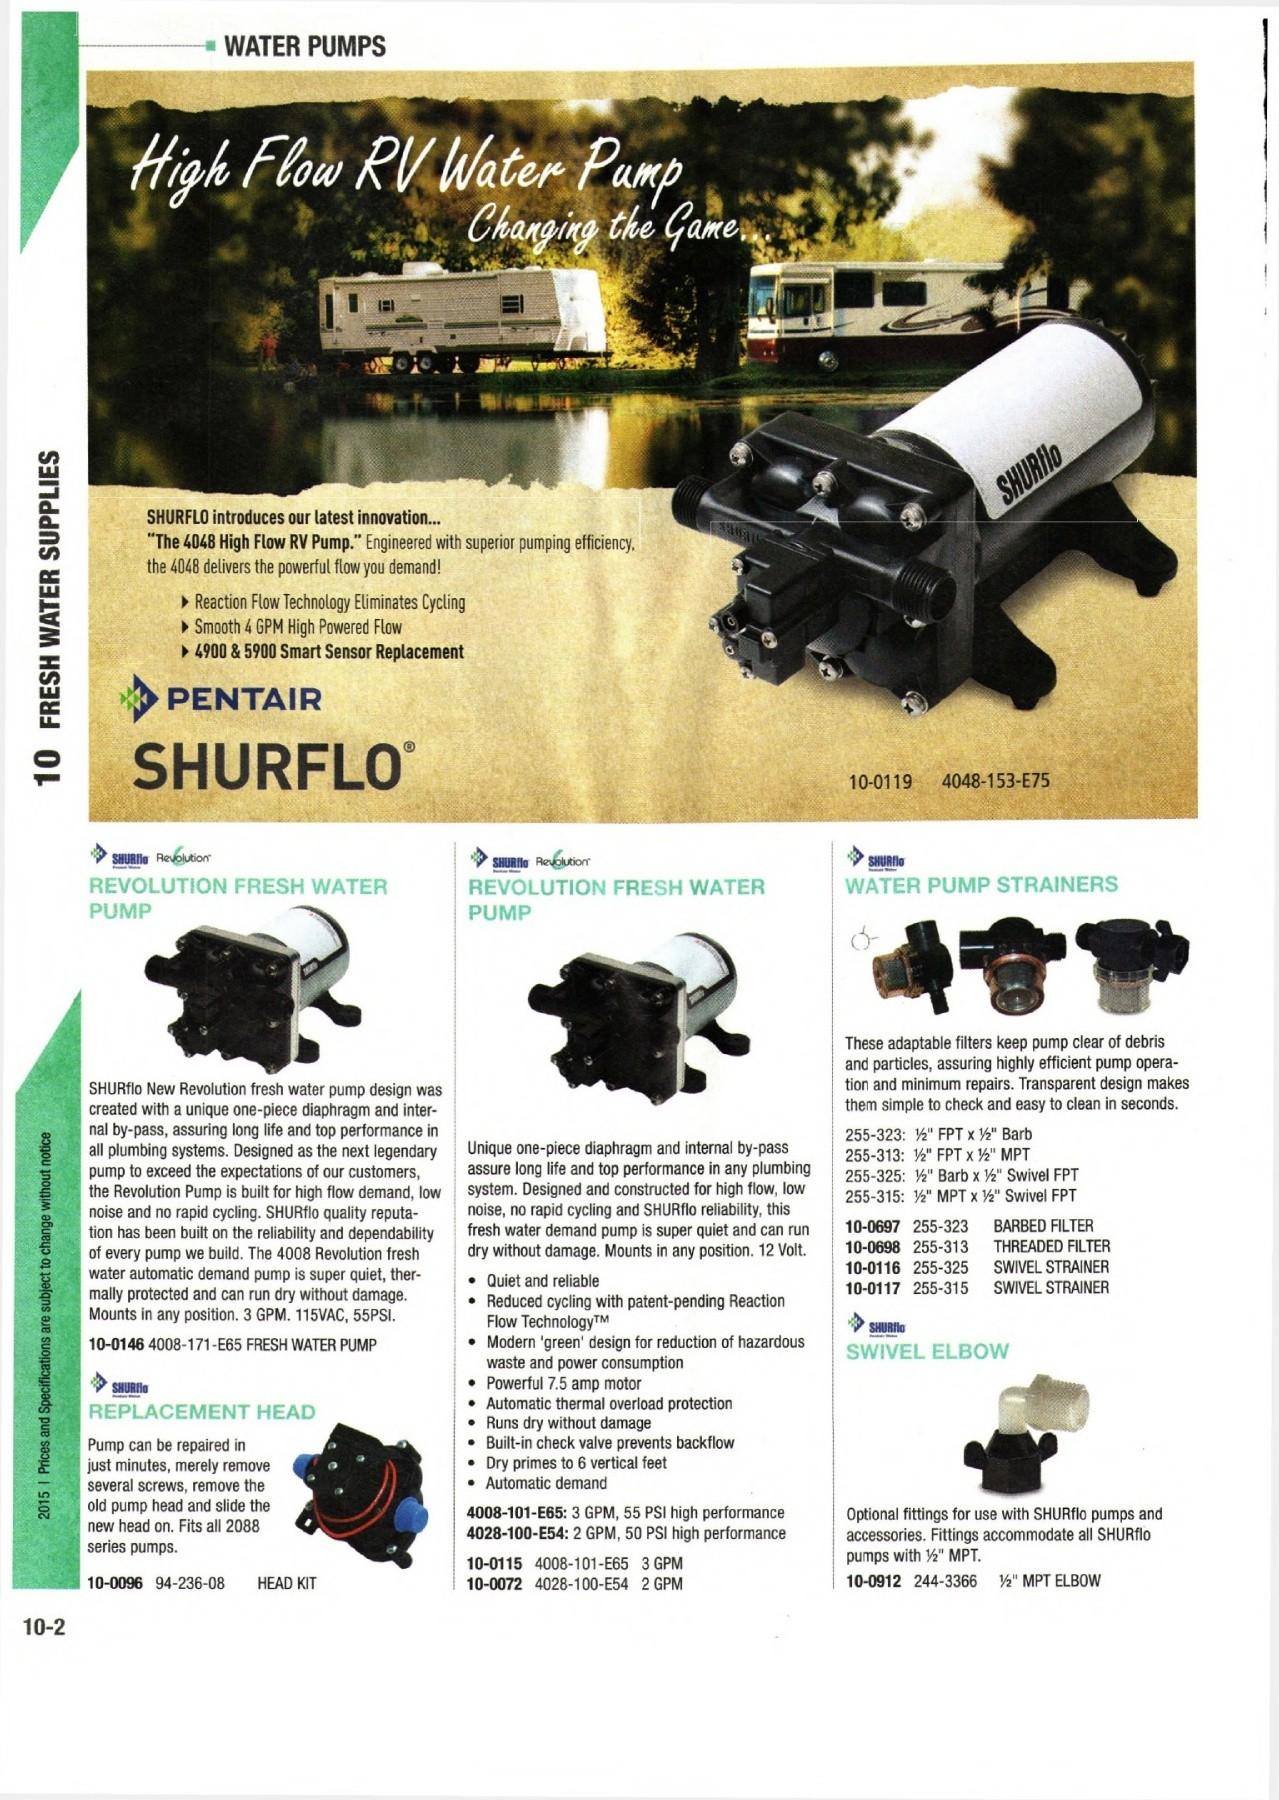 Kib Model M21vw Manual Pdf 10 Fresh Water Supplies Pages 1 50 Text Version Of Kib Model M21vw Manual Pdf